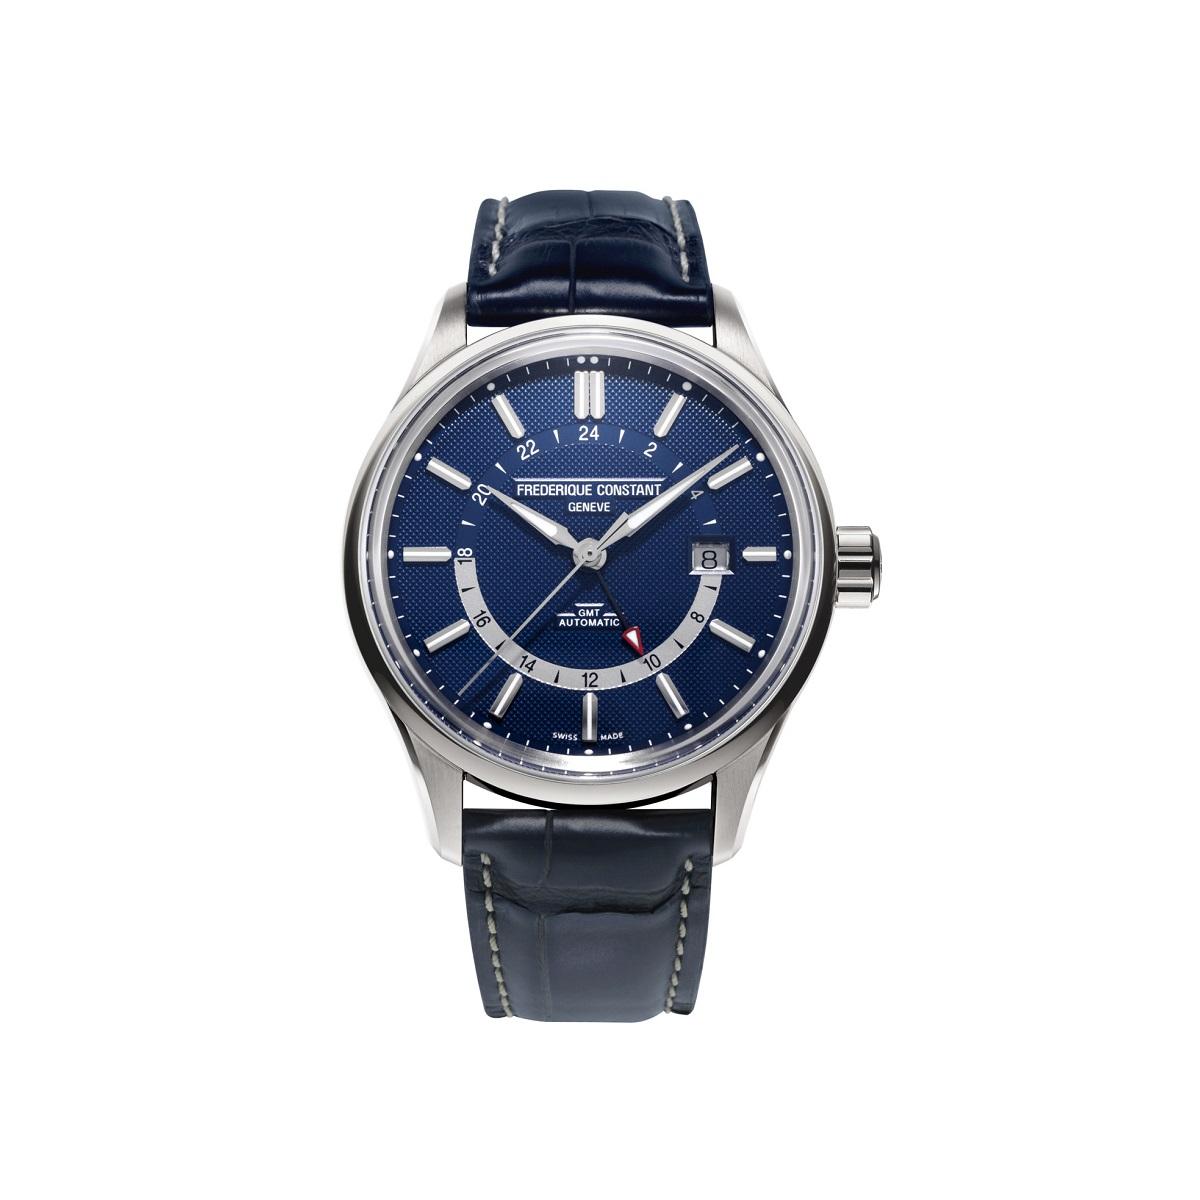 Frederique Constant Yacht Timer GMT mit Edelstahlgehäuse, Lederband und blauem Zifferblatt